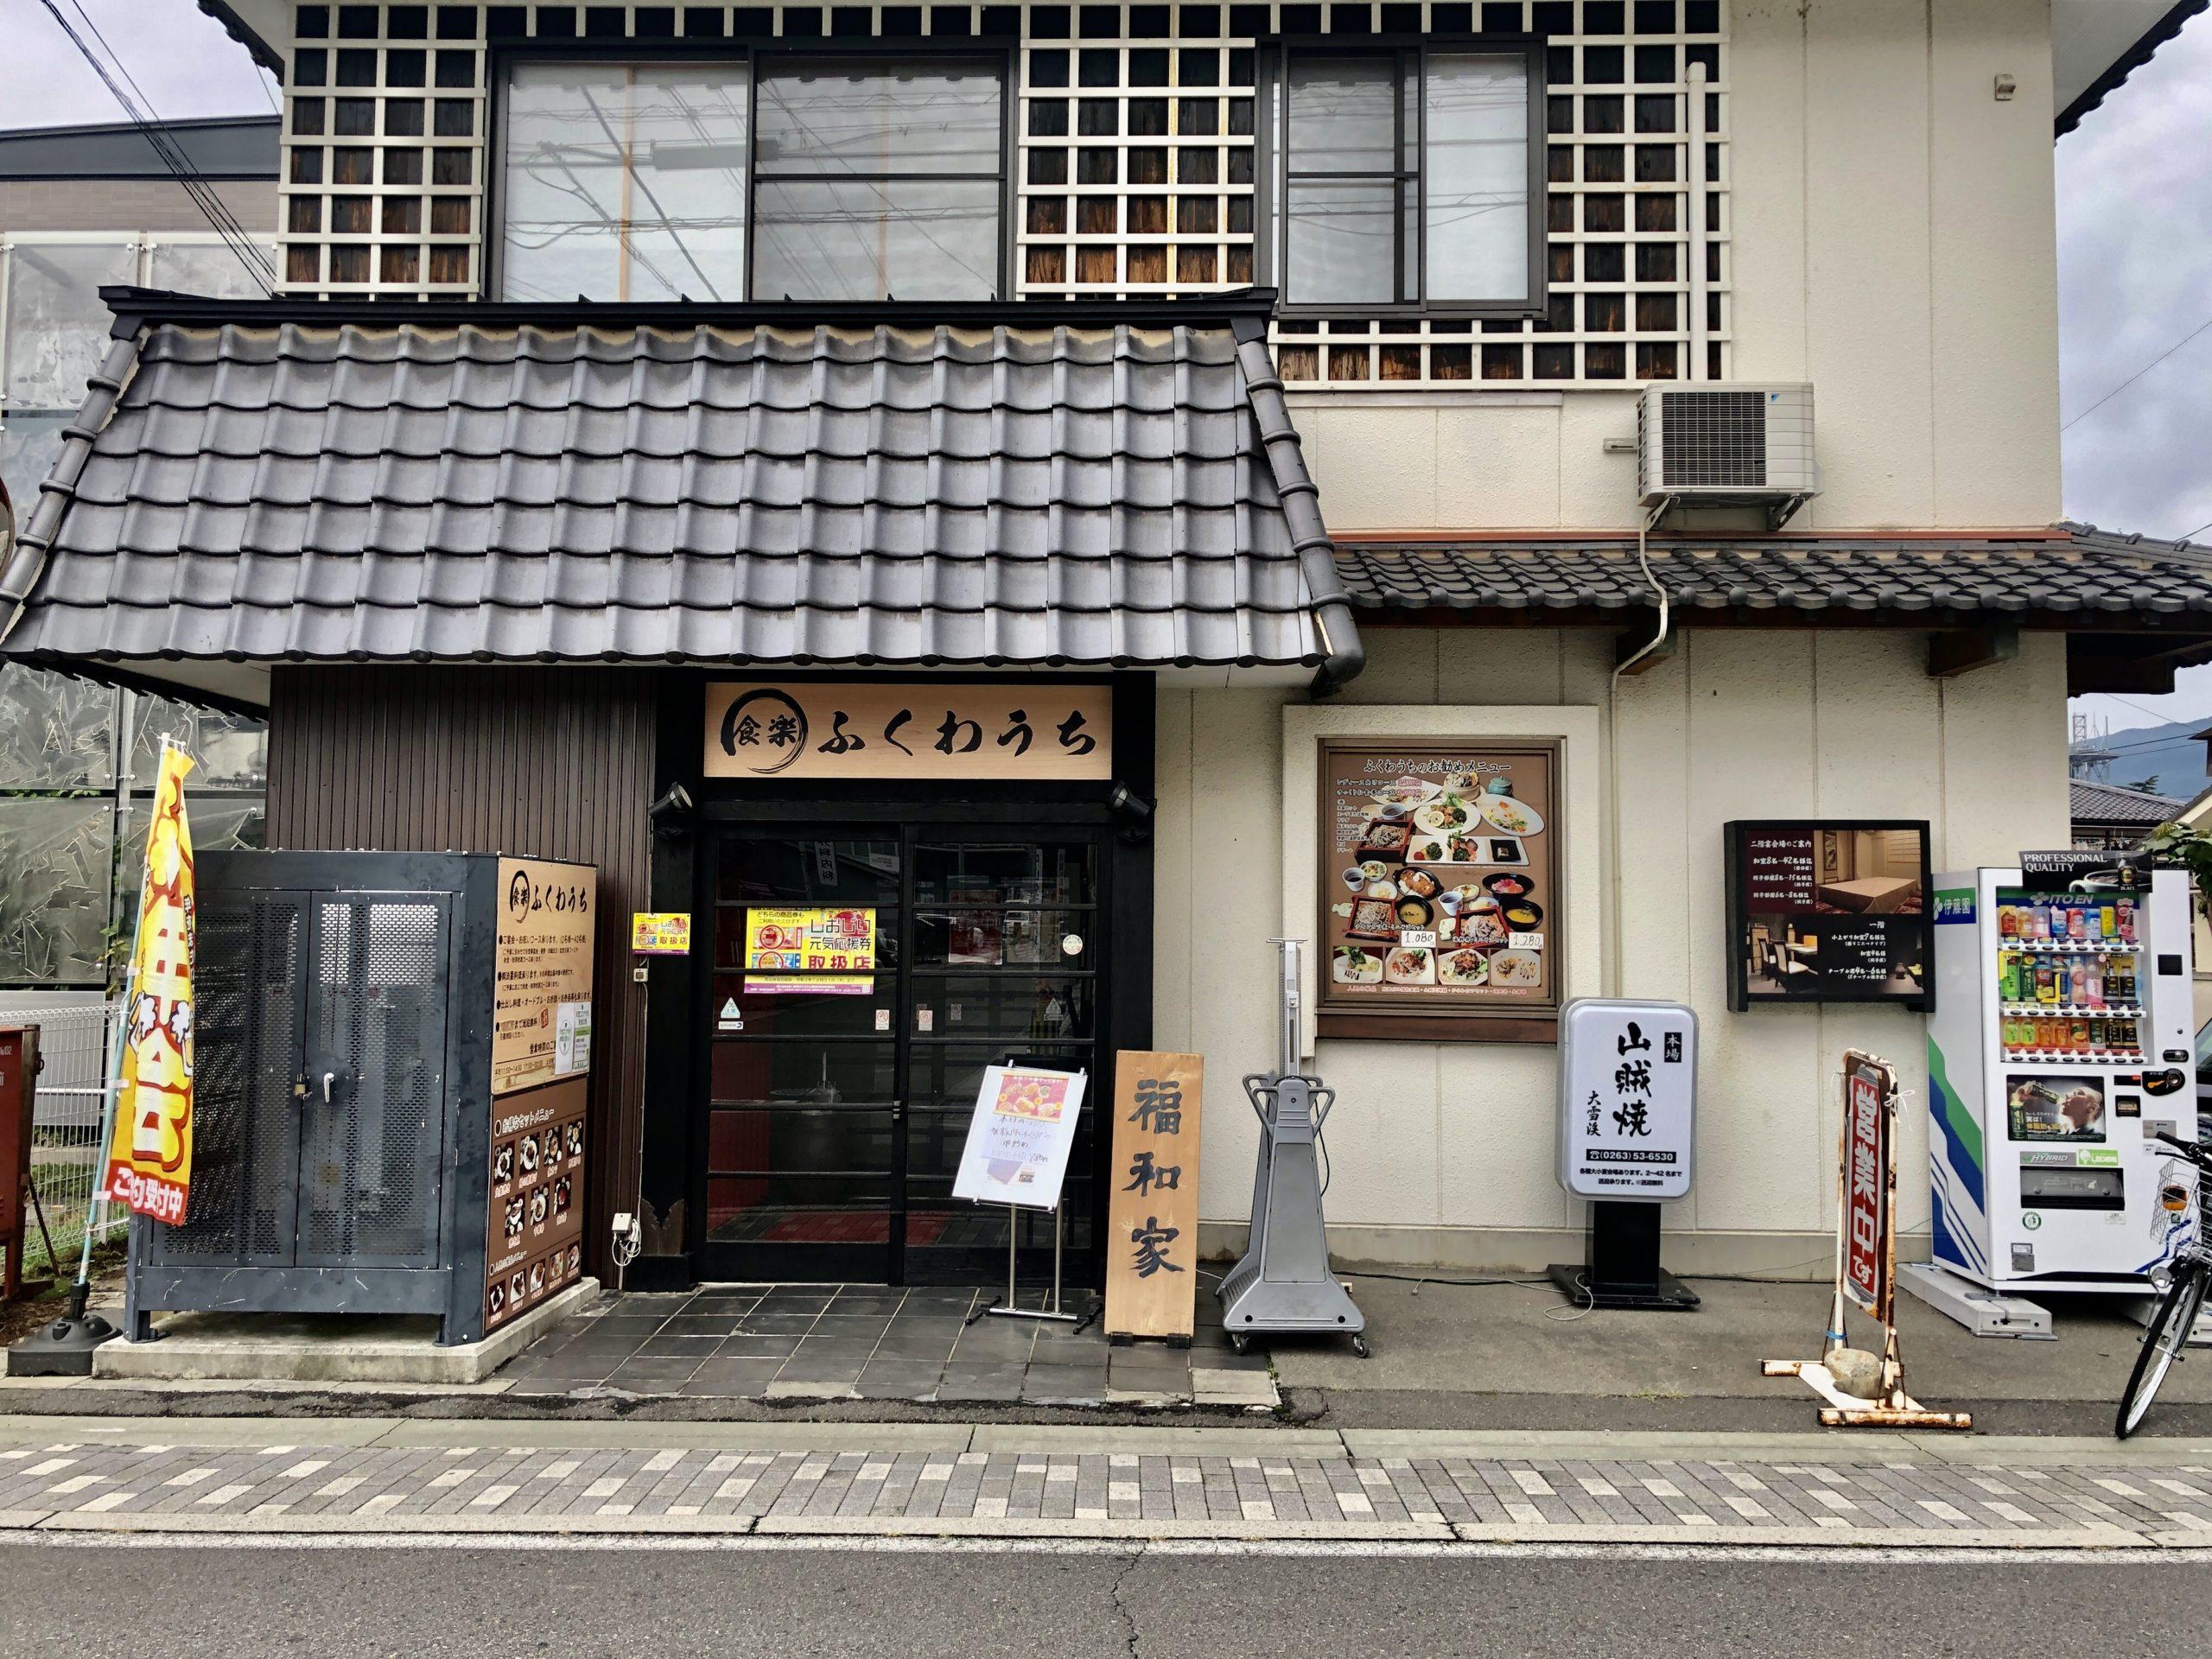 【塩尻市】福和家(ふくわうち)のド迫力メニュー「カツとじミニ蕎麦セット」を食らう